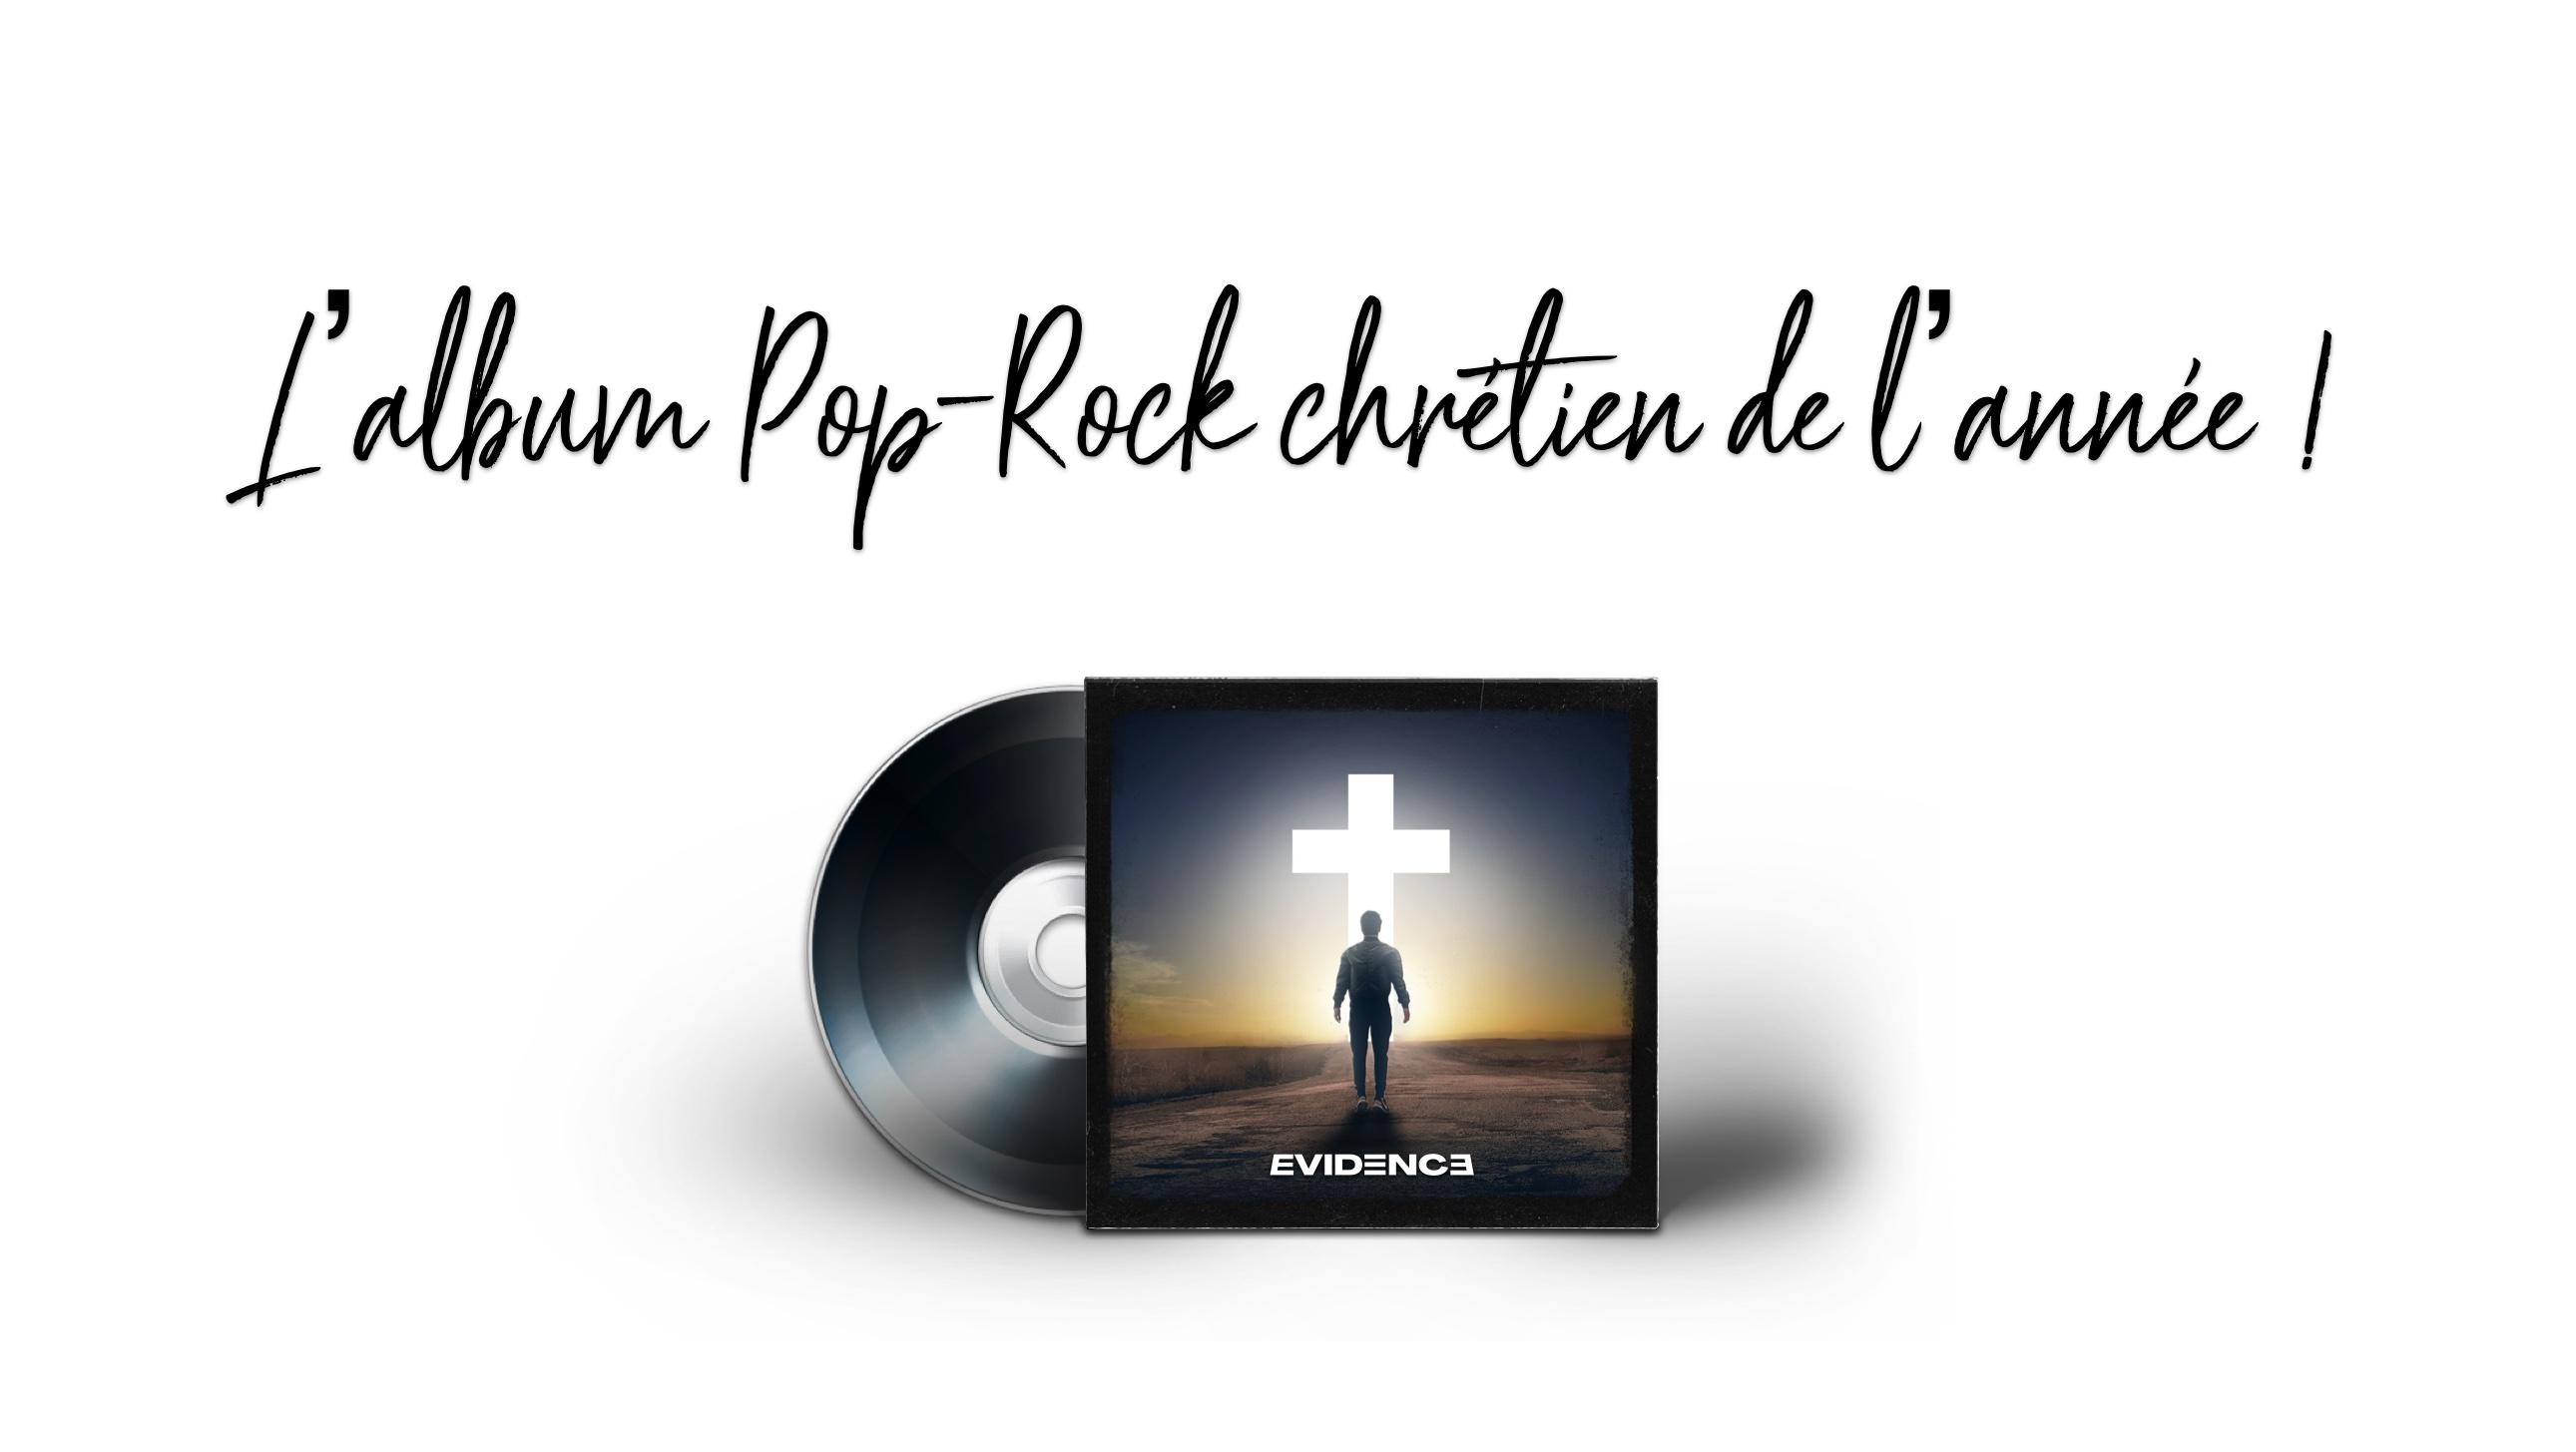 L'album Pop-Rock chrétien de l'année ! Le projet du groupe Evidence !